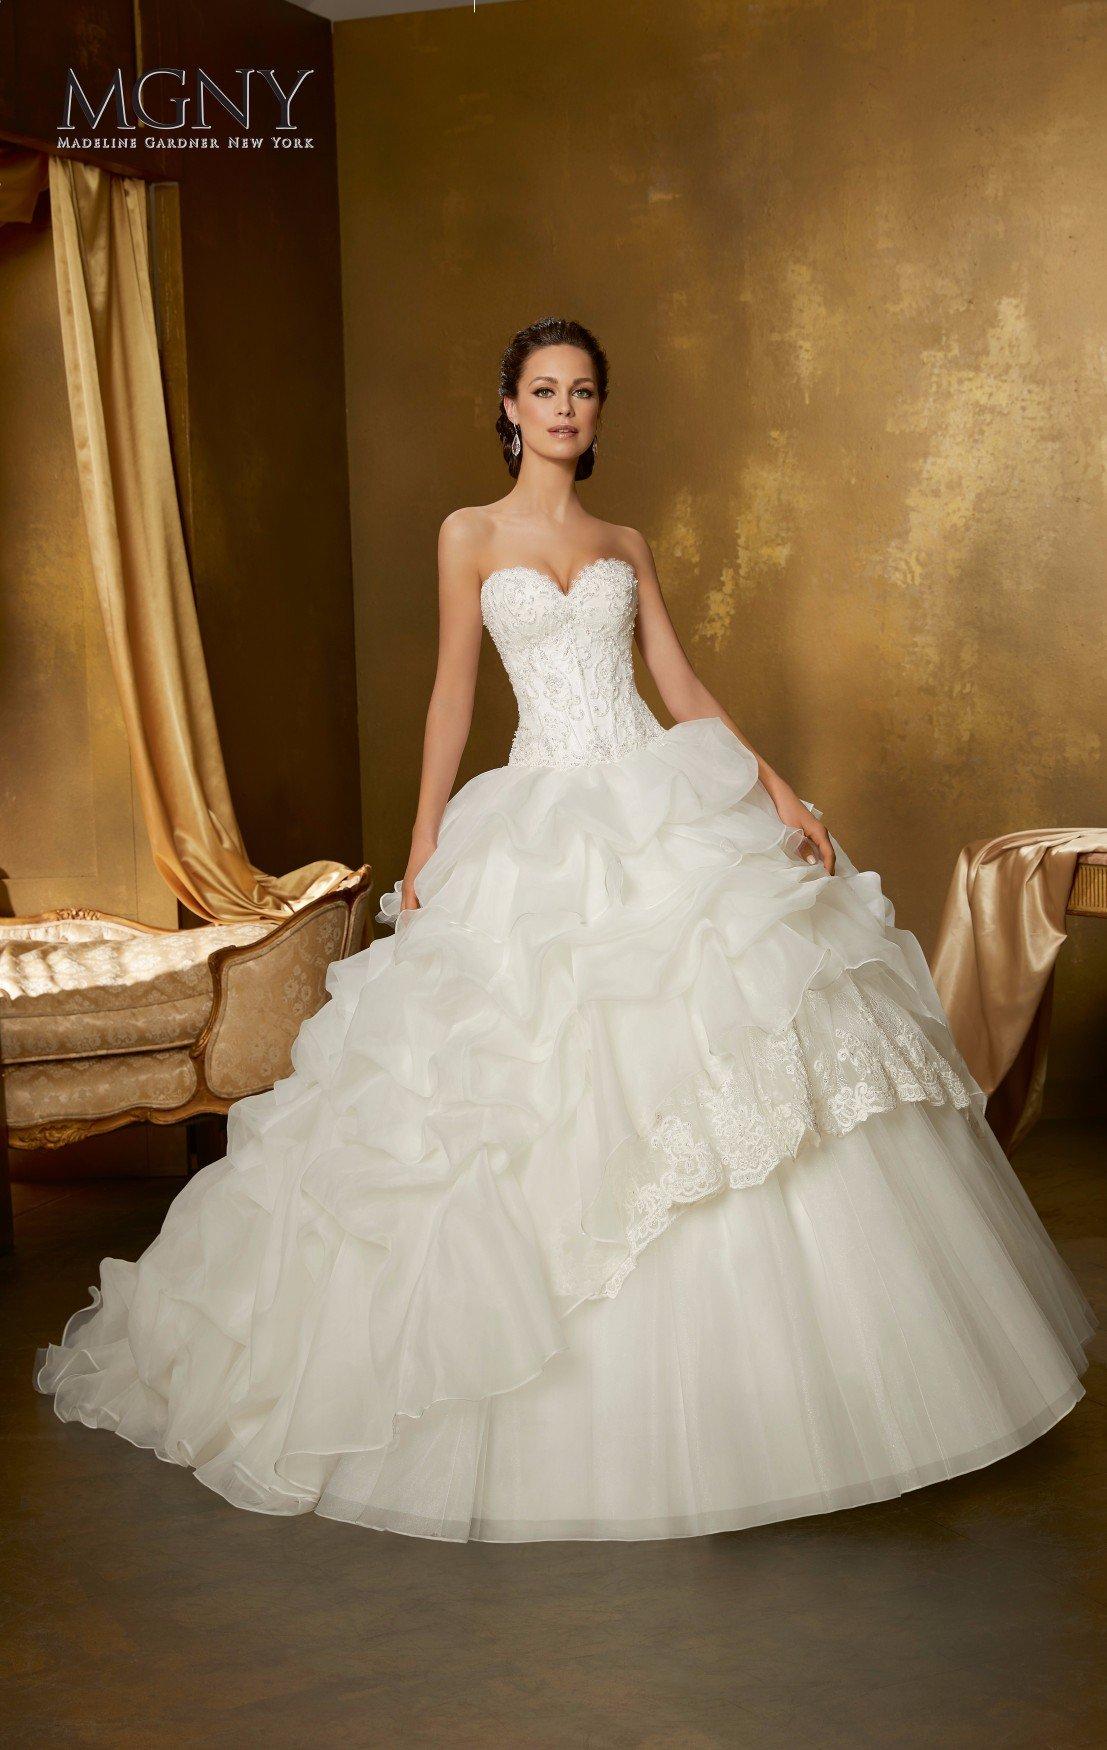 Bellissimo abito da cerimonia bianco, perfetto per donne more